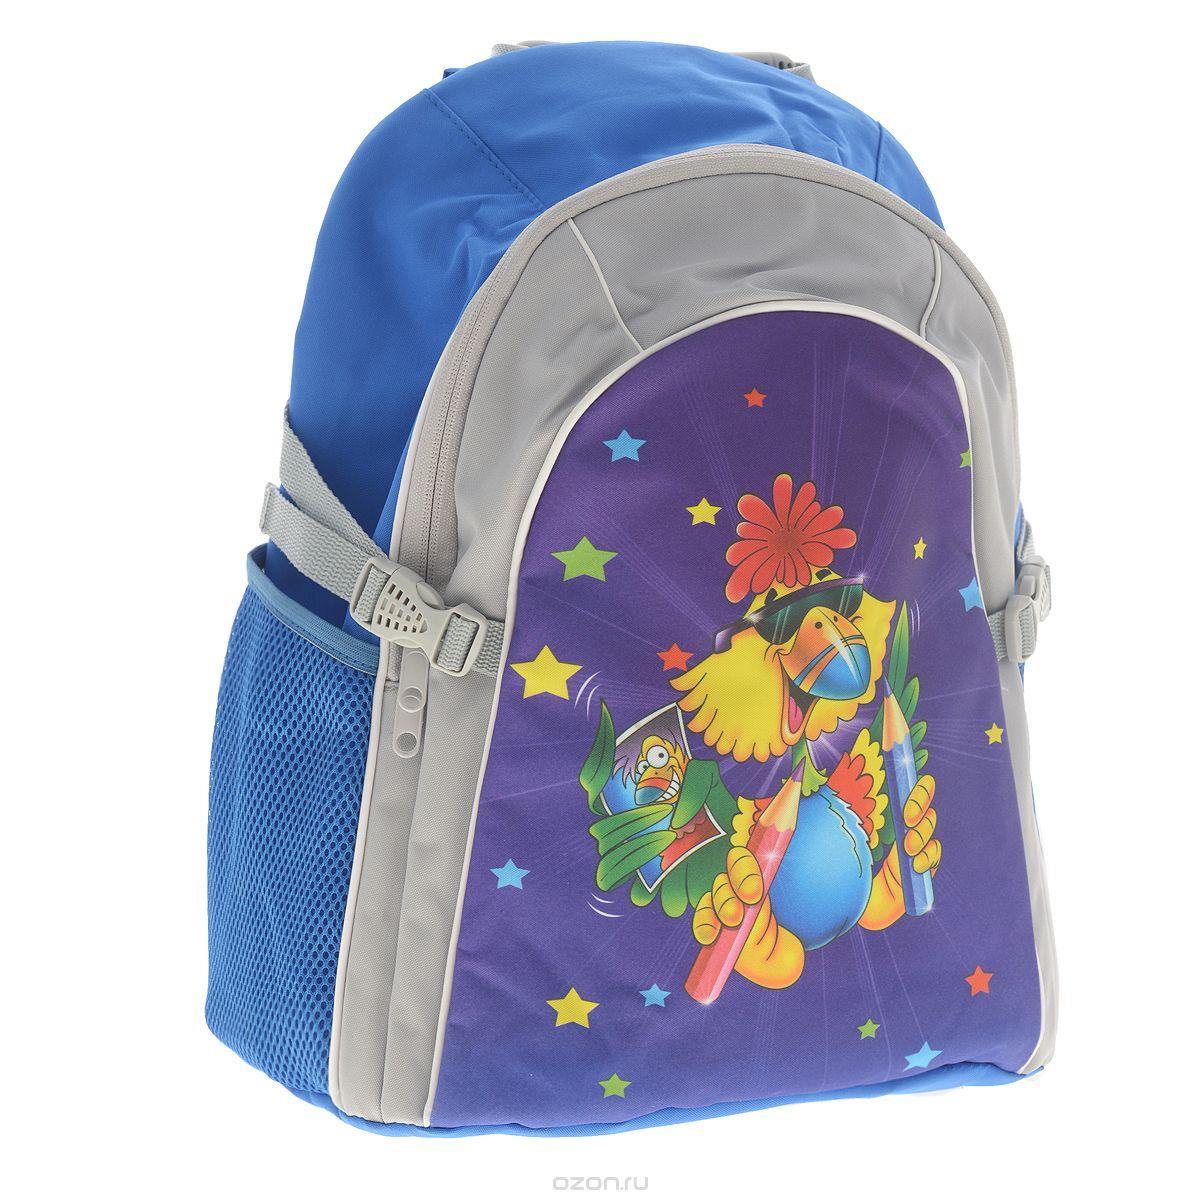 Рюкзак детский Tiger Enterprise Joyful Birdie, цвет: синий, серый72523WDСтильный школьный рюкзак Joyful Birdie небольшого размера - это красивый и удобный ранец, который подойдет всем, кто хочет разнообразить свои школьные будни. Благодаря анатомической спинке, повторяющей контур спины и двум эргономичным плечевым ремням, длина которых регулируется, у ребенка не возникнут проблемы с позвоночником. Ранец, выполненный из антибактериального, водоотталкивающего и не выгорающего на солнце материала, оформлен изображением забавной птички. Ранец состоит из одного основного отделения, закрывающегося на застежку-молнию. Внутри - накладной открытый карман. По бокам рюкзак имеет два сетчатых кармана. Также есть текстильная ручка, с прорезиненной вставкой, для удобной переноски и ограничители объема.